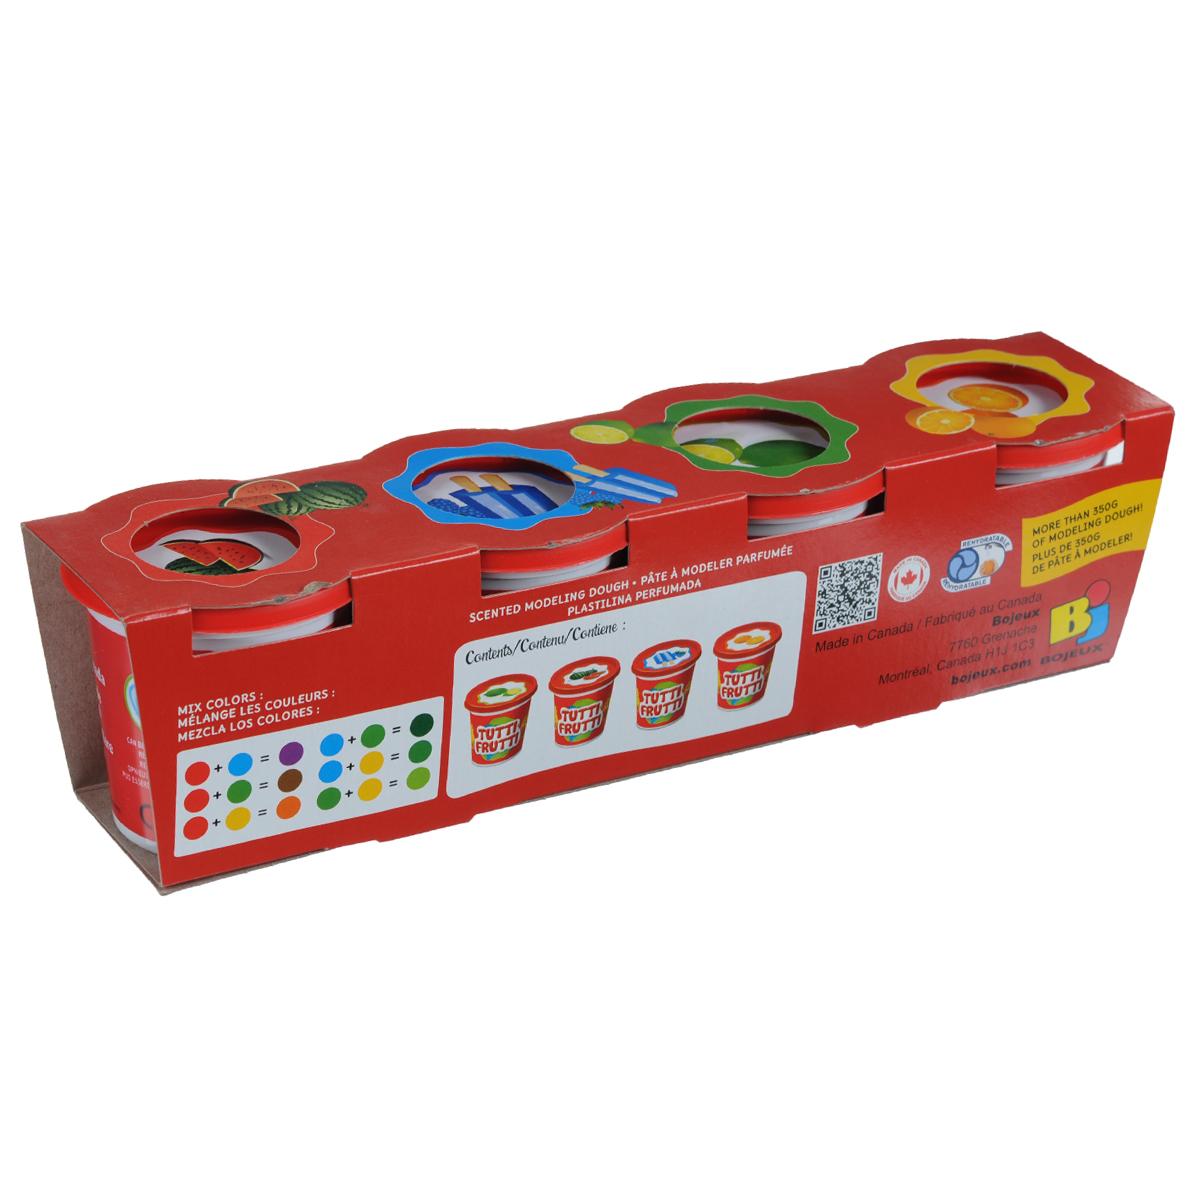 """Набор для лепки Bojeux """"Tutti Frutti"""" включает четыре баночки цветной массы оранжевого, зеленого, синего и красного цветов, имеющей приятный аромат апельсина, лайма, ежевики и арбуза соответственно. Масса имеет сильный соленый привкус, что убережет ребенка от ее проглатывания. Благодаря своей мягкости масса доставит малышу сплошное удовольствие во время лепки. Она не липнет к пальцам, не оставляет пятен и не рассыхается. Для восстановления достаточно добавить обычной воды. Масса для лепки - это не только игра, веселье и развлечение, но и развитие творческих навыков. Масса является безопасной для ребенка."""